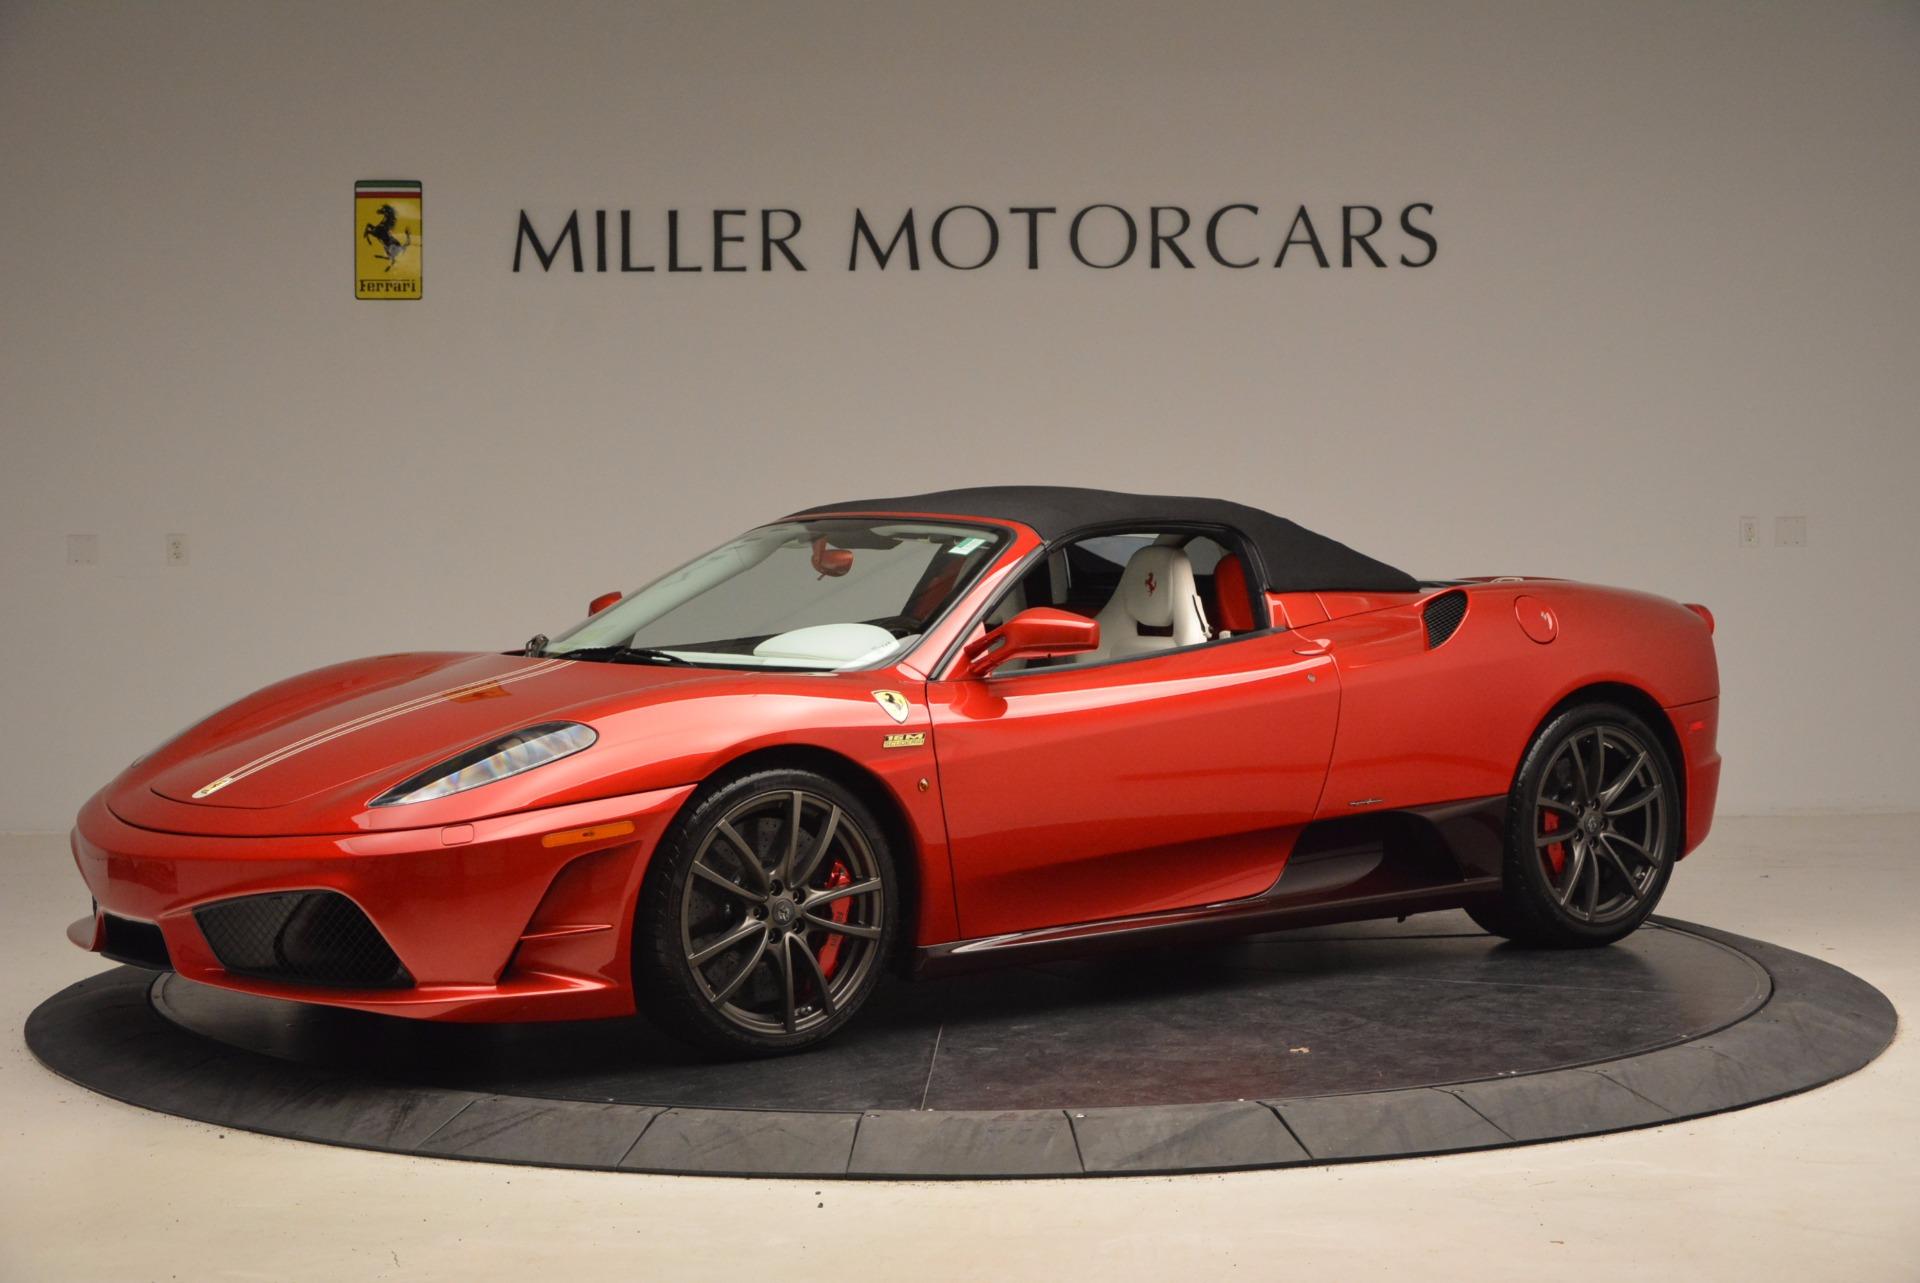 Used 2009 Ferrari F430 Scuderia 16M For Sale In Greenwich, CT. Alfa Romeo of Greenwich, 4404 1398_p14